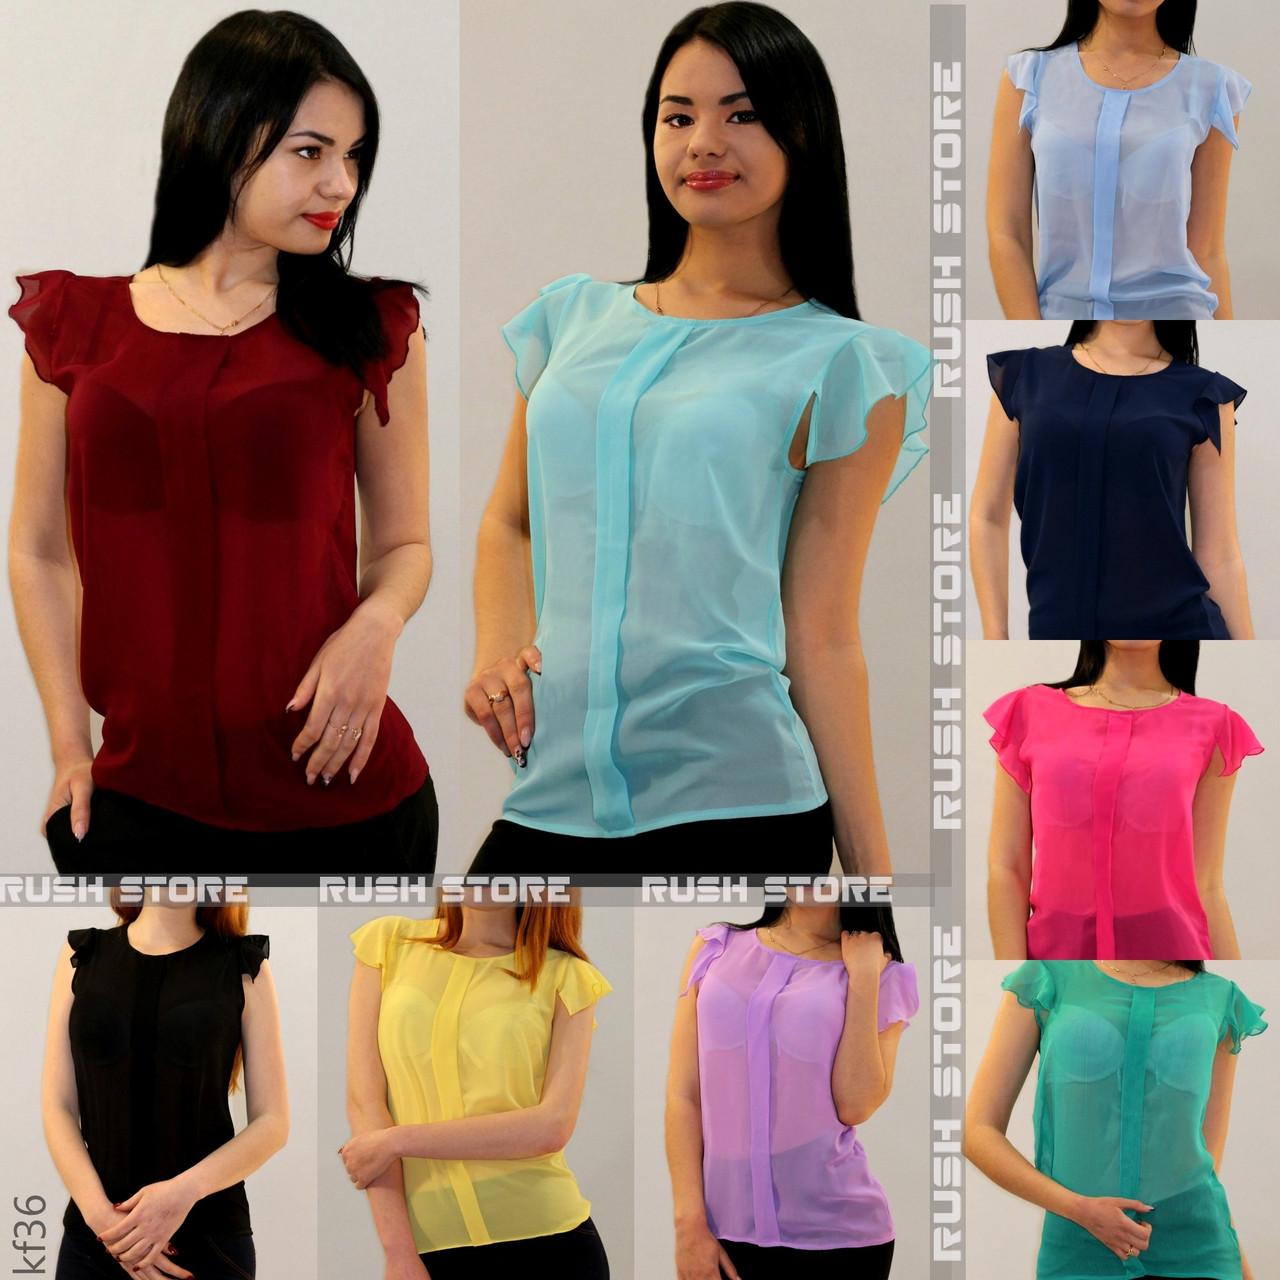 731ab1af3fa Шифоновая блузка с рюшами - RUSH STORE интернет-магазин женской одежды в  Николаеве